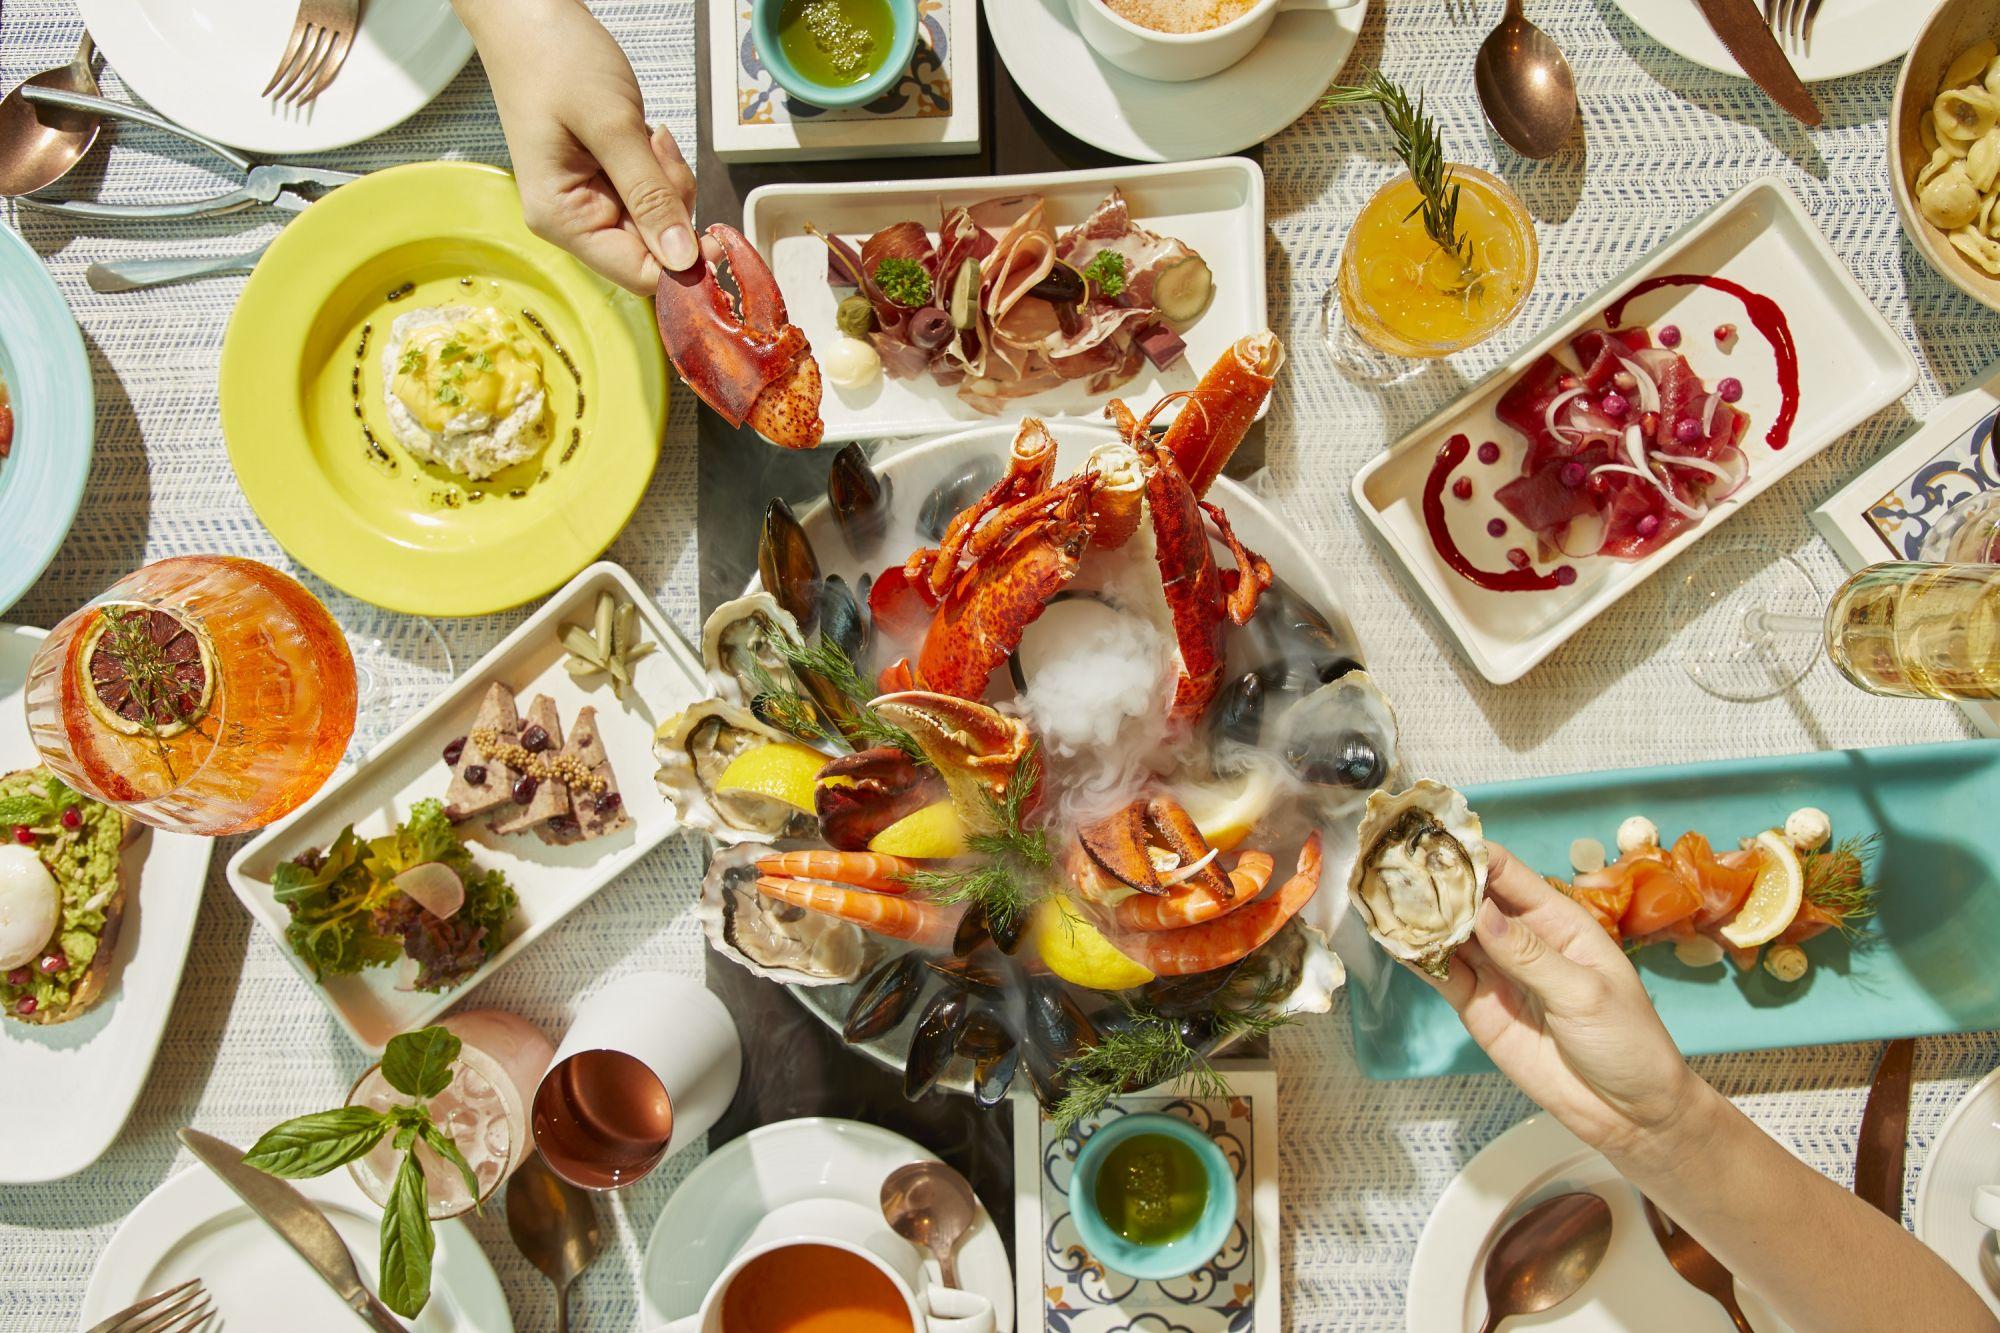 Taste The Mediterranean With Alati's Riviera Sunday Brunch